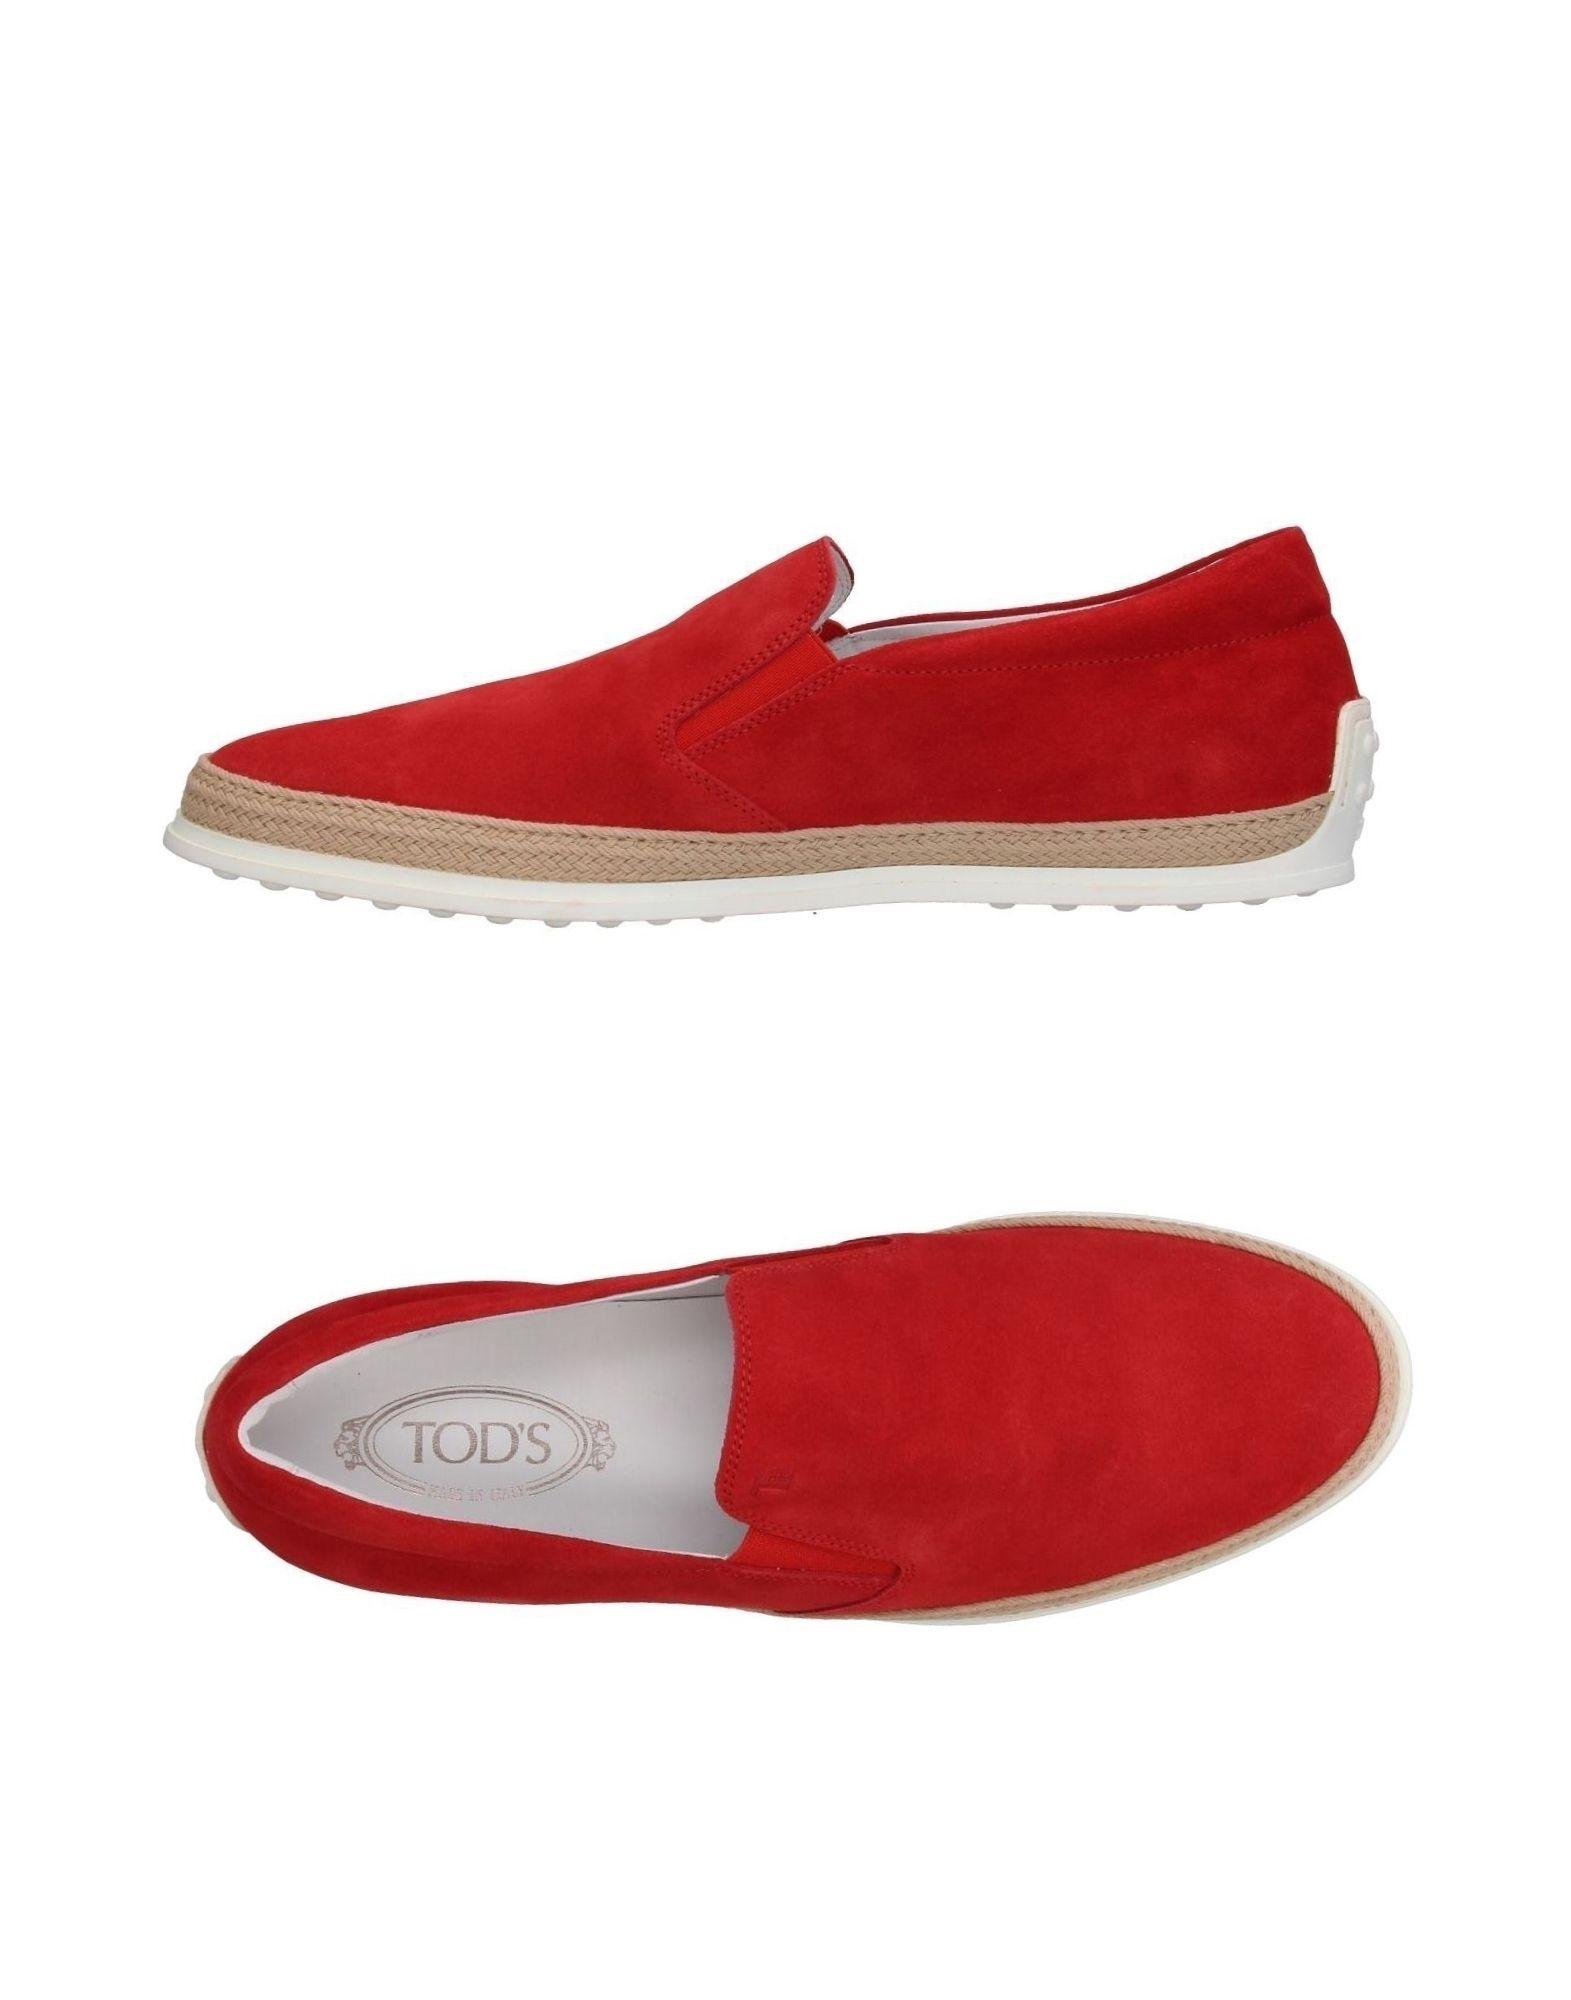 Moda Sneakers Sneakers Moda Tod's Uomo - 11375119KJ 64cf16